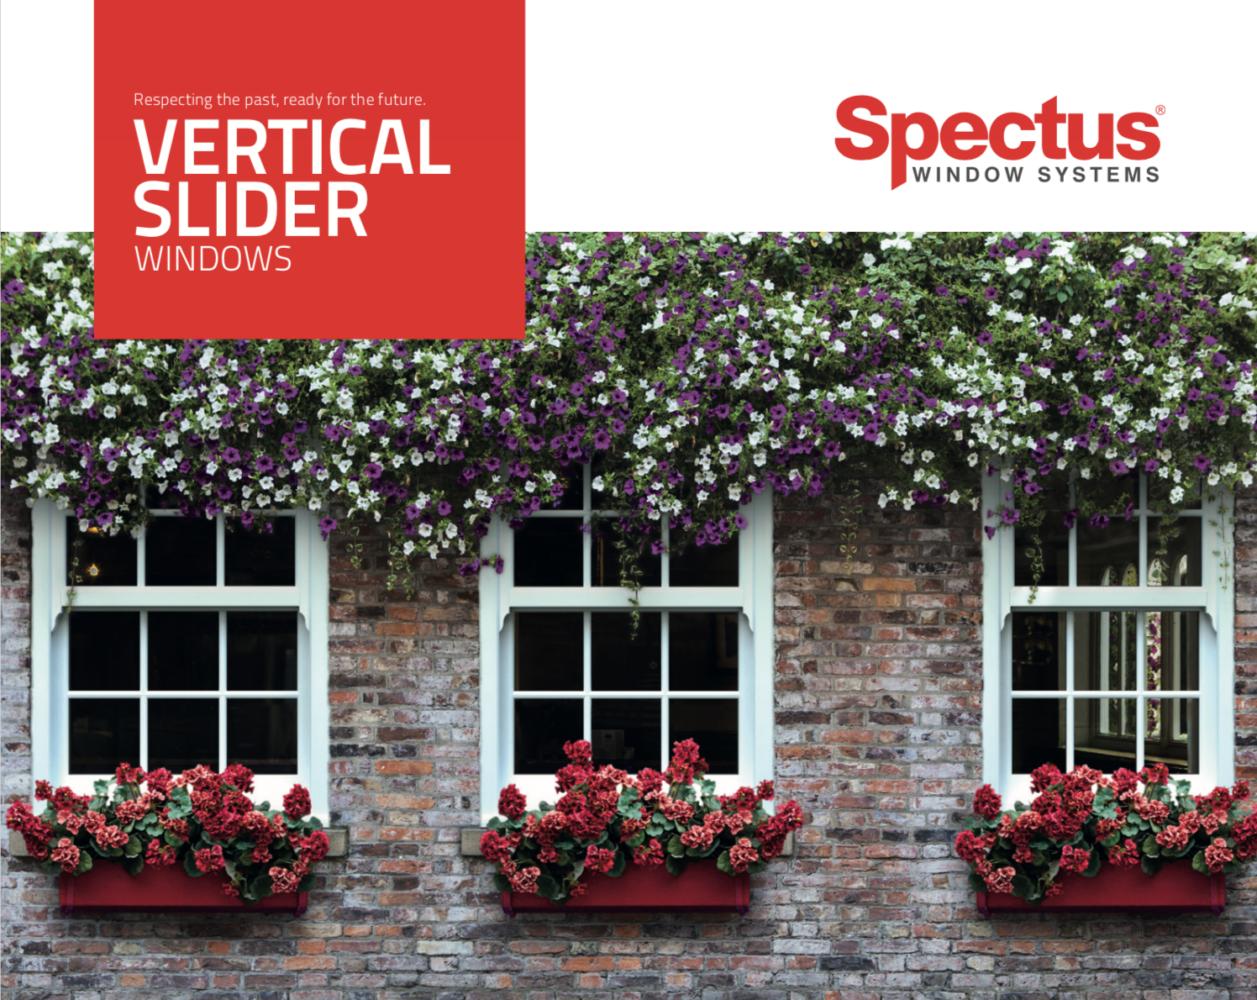 Vertical Slider Windows